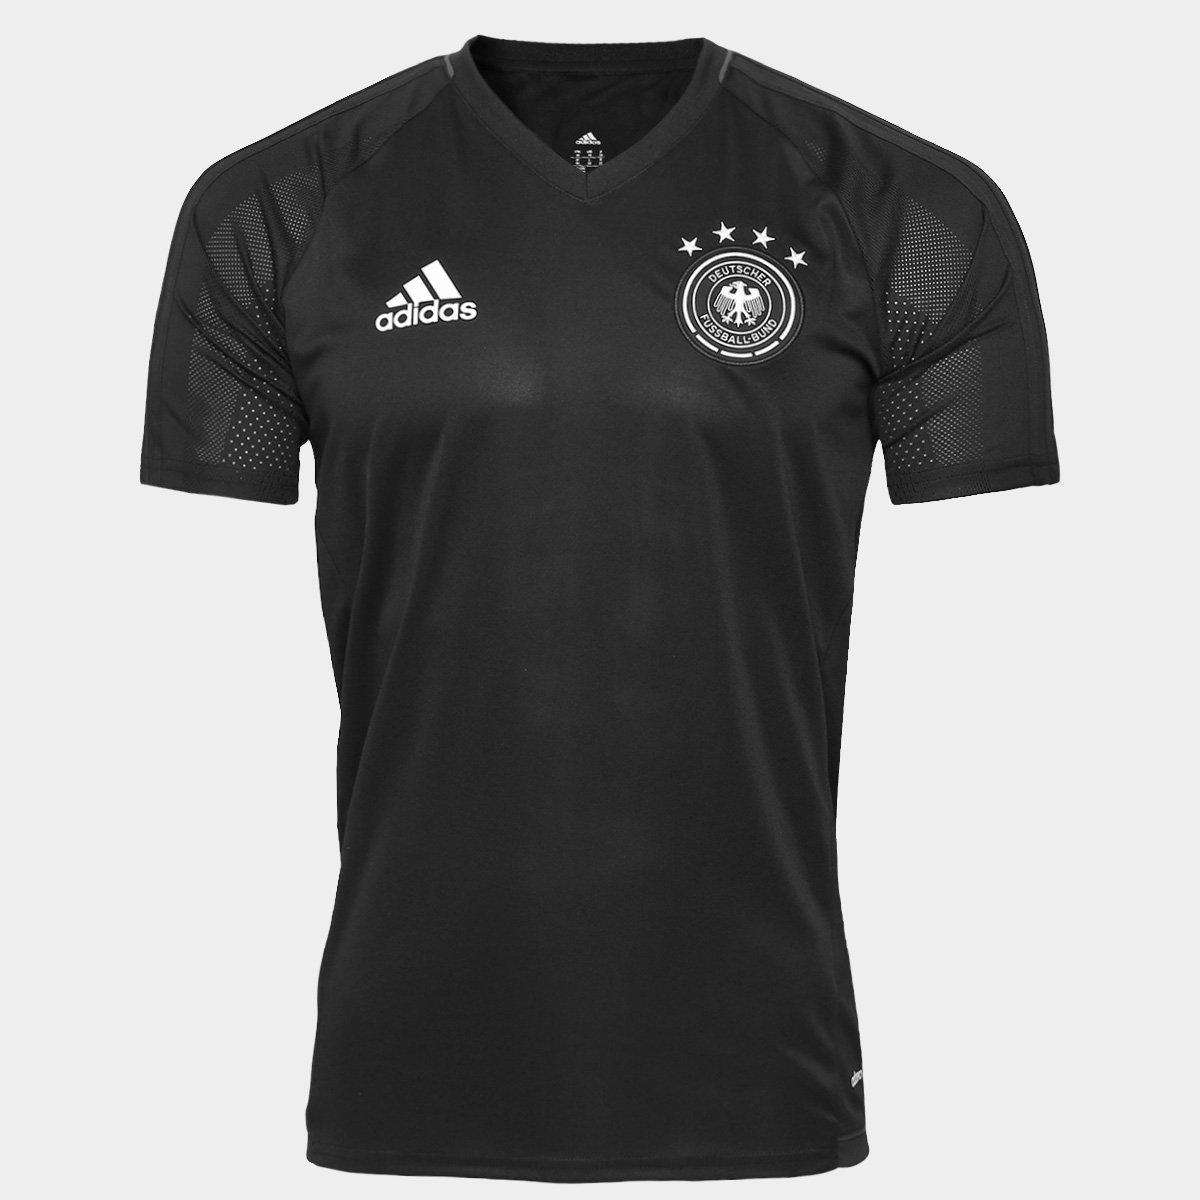 50d635f0dc Camisa Adidas Seleção Alemanha 17 18 Treino - Compre Agora